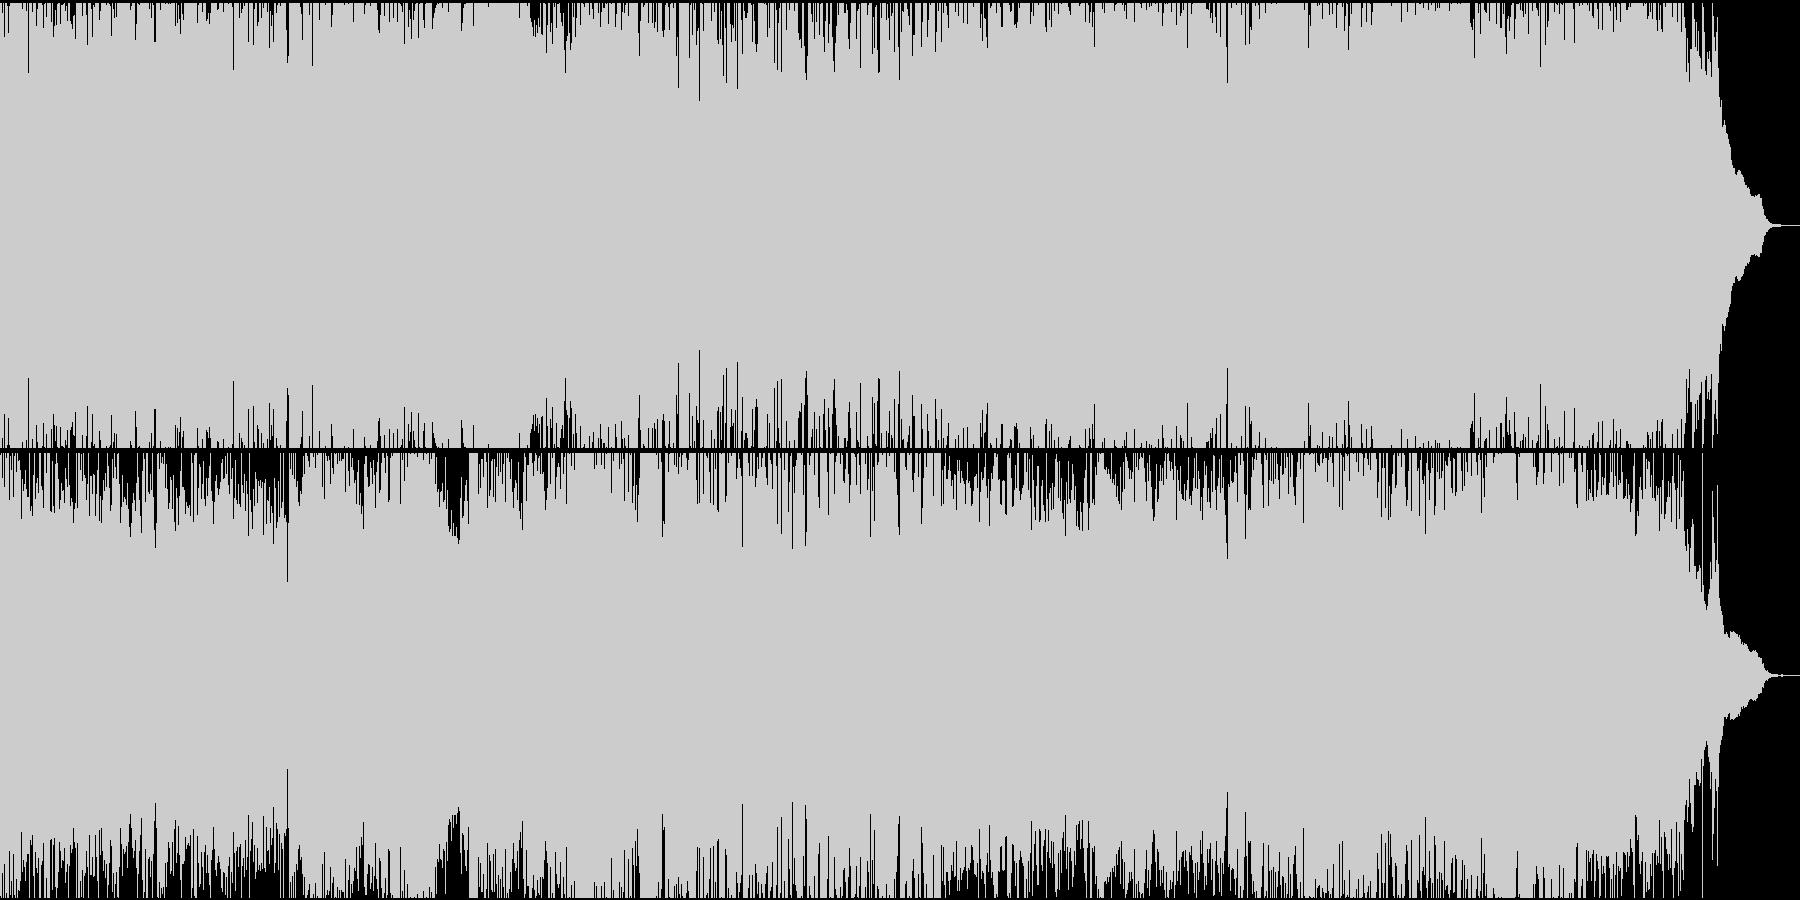 ピアノメロディの壮大で冒険的なBGMの未再生の波形